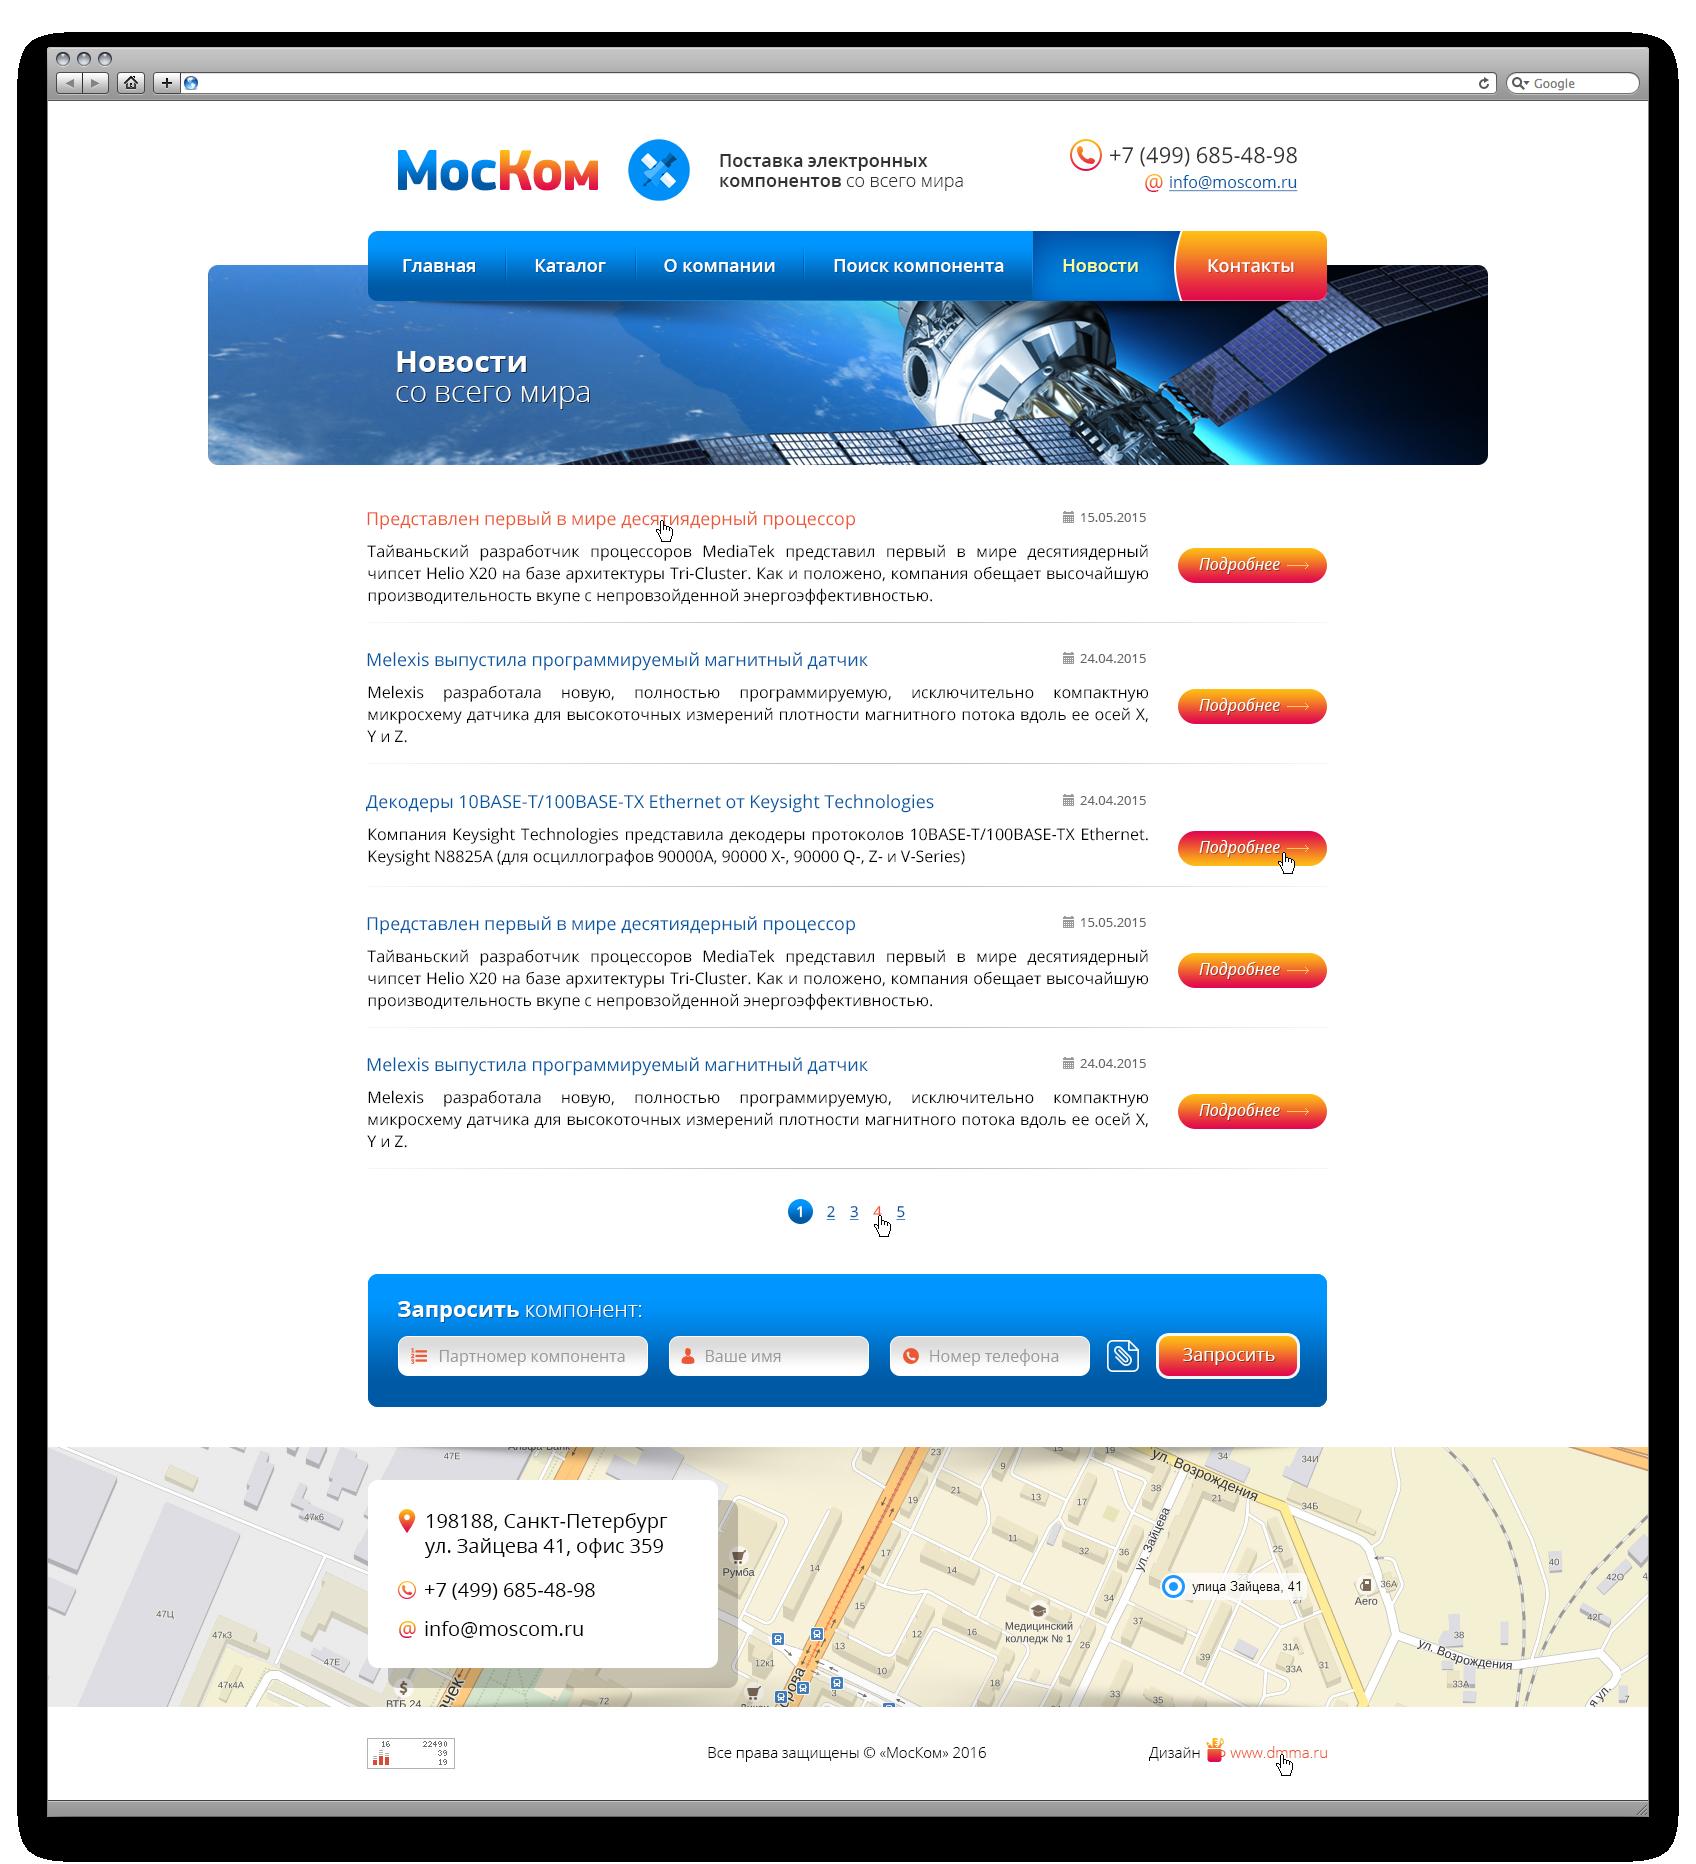 Разработка сайта для компании «МосКом» (проектирование, дизайн, вёрстка, интеграция с ModX CMS)